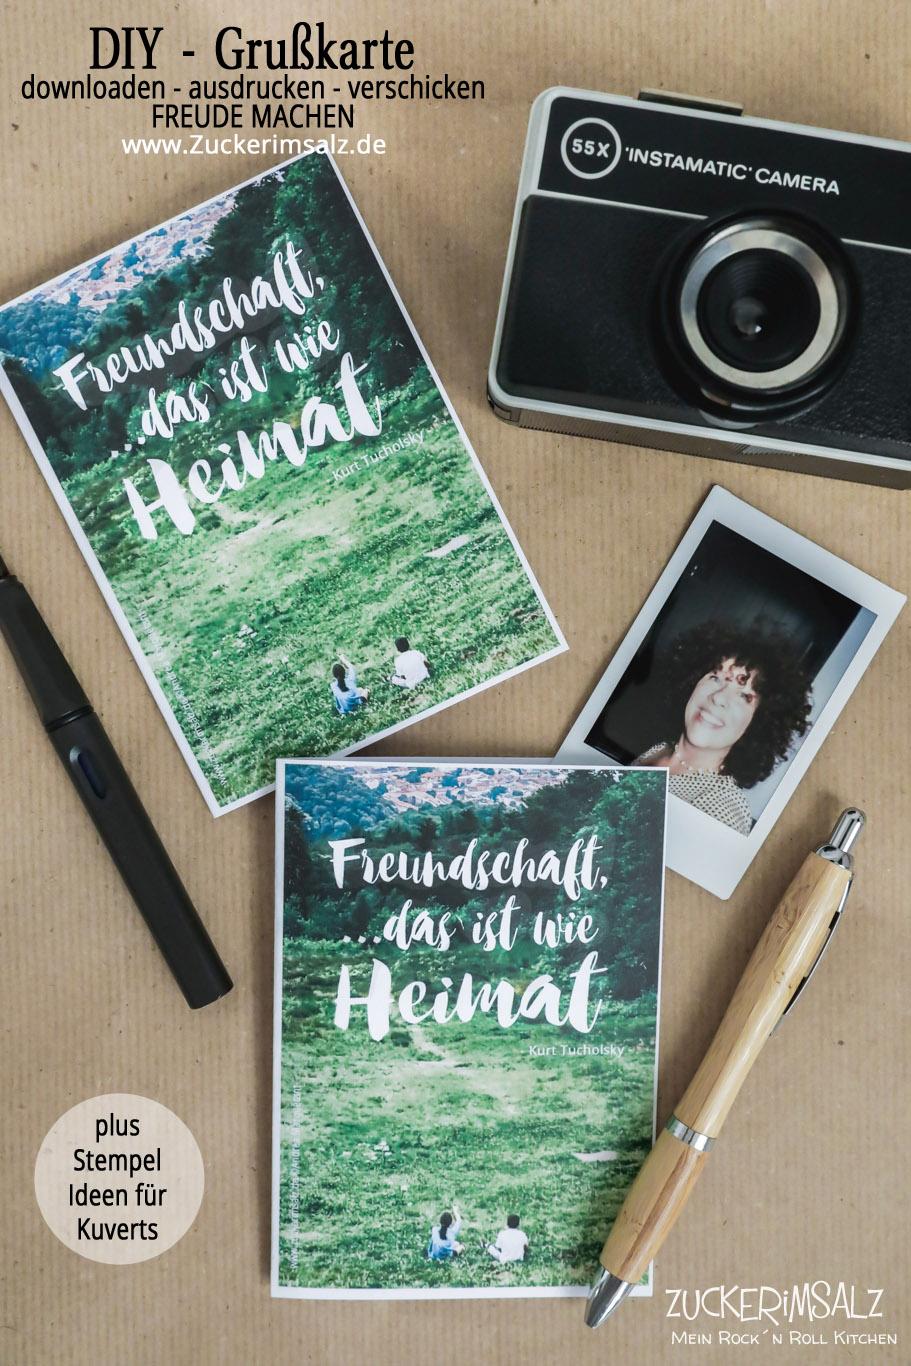 Die kostenlose Freundschafts Grußkarte zum Downloaden plus kreative Stempel Ideen für Briefumschläge | das DIY Freebie